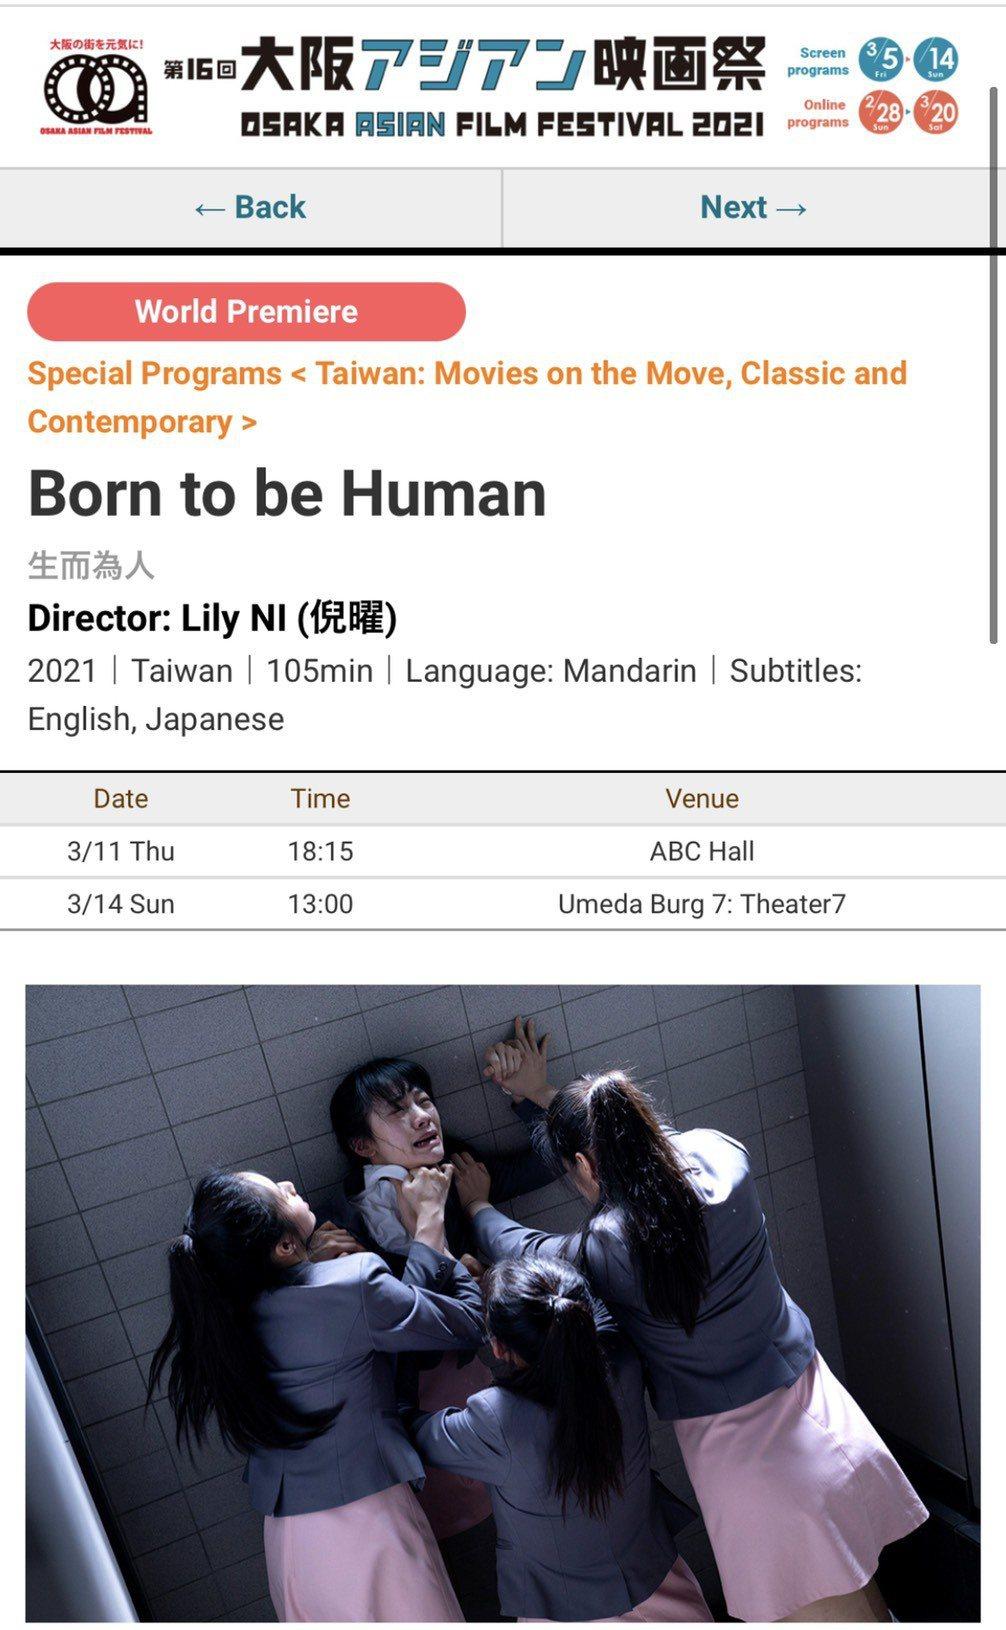 李玲葦新片「生而為人」入圍大阪亞洲電影節。圖/摘自網站